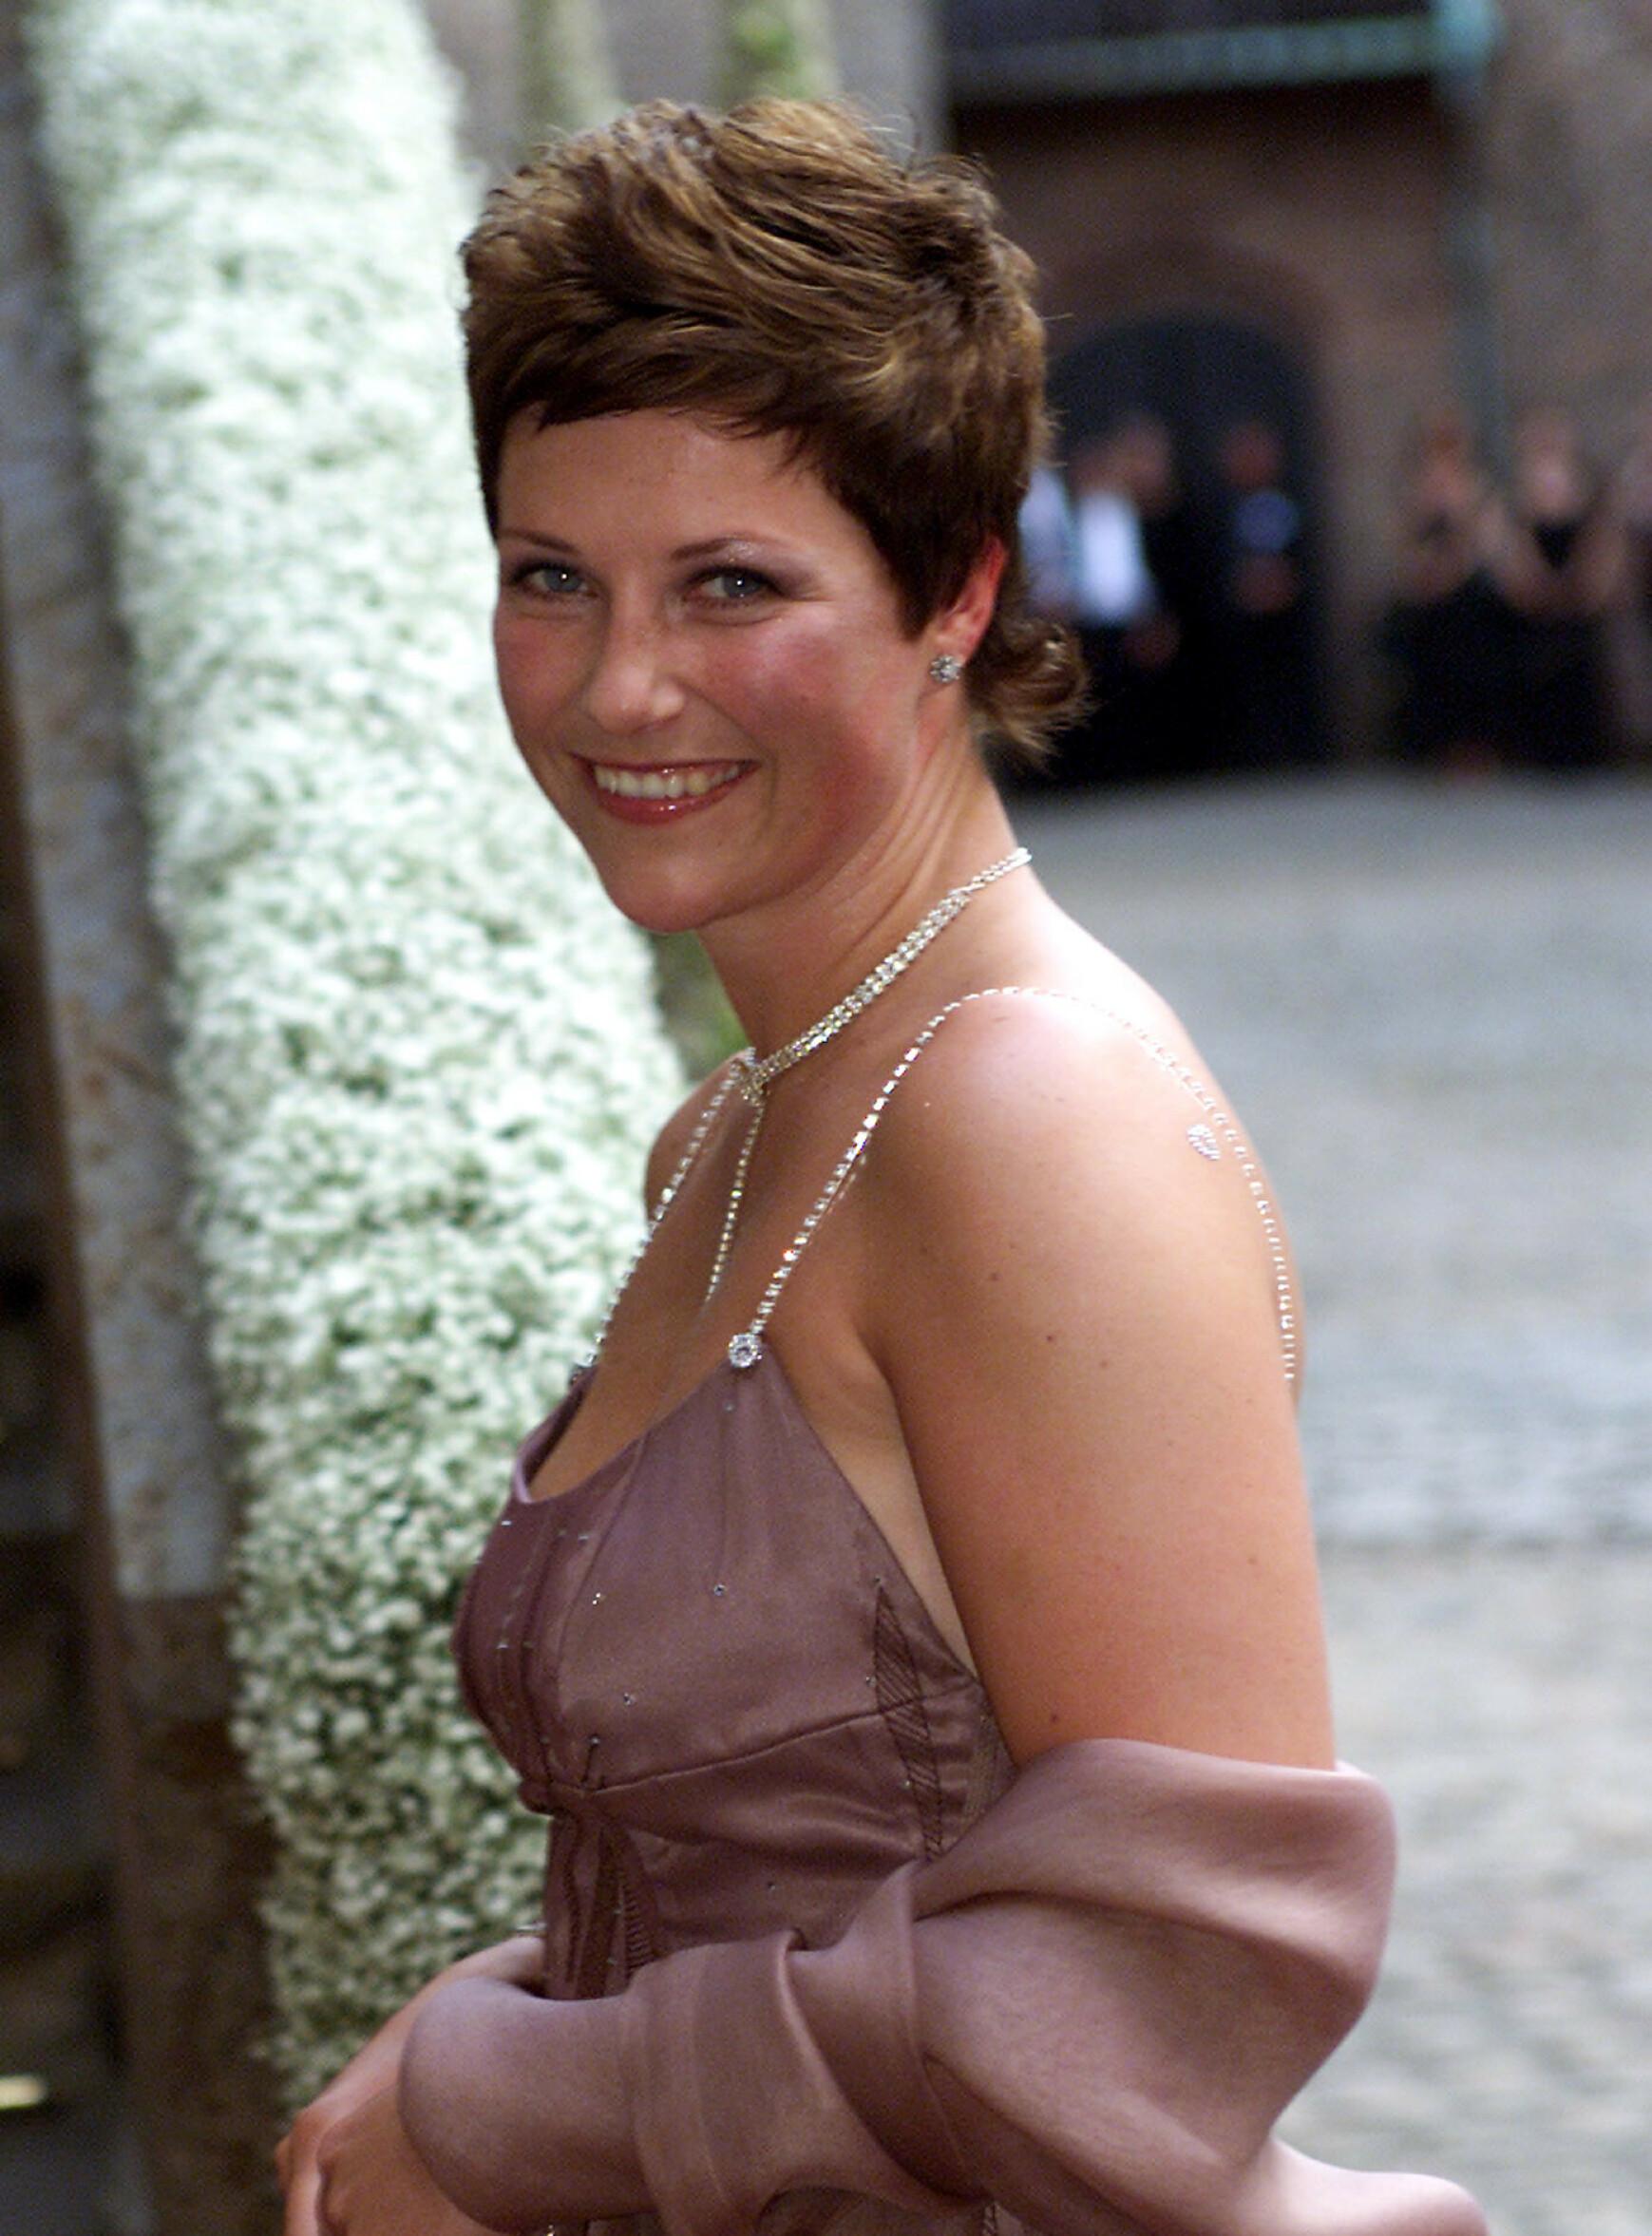 TERNINGKAST SEKS: Prinsessen ble hyllet for denne kreasjonen hun brukte i brorens bryllup, noe hun formidlet videre i et form av en terning på bursdagskjolen sin noen måneder senere. Foto: Lise Åserud / NTB